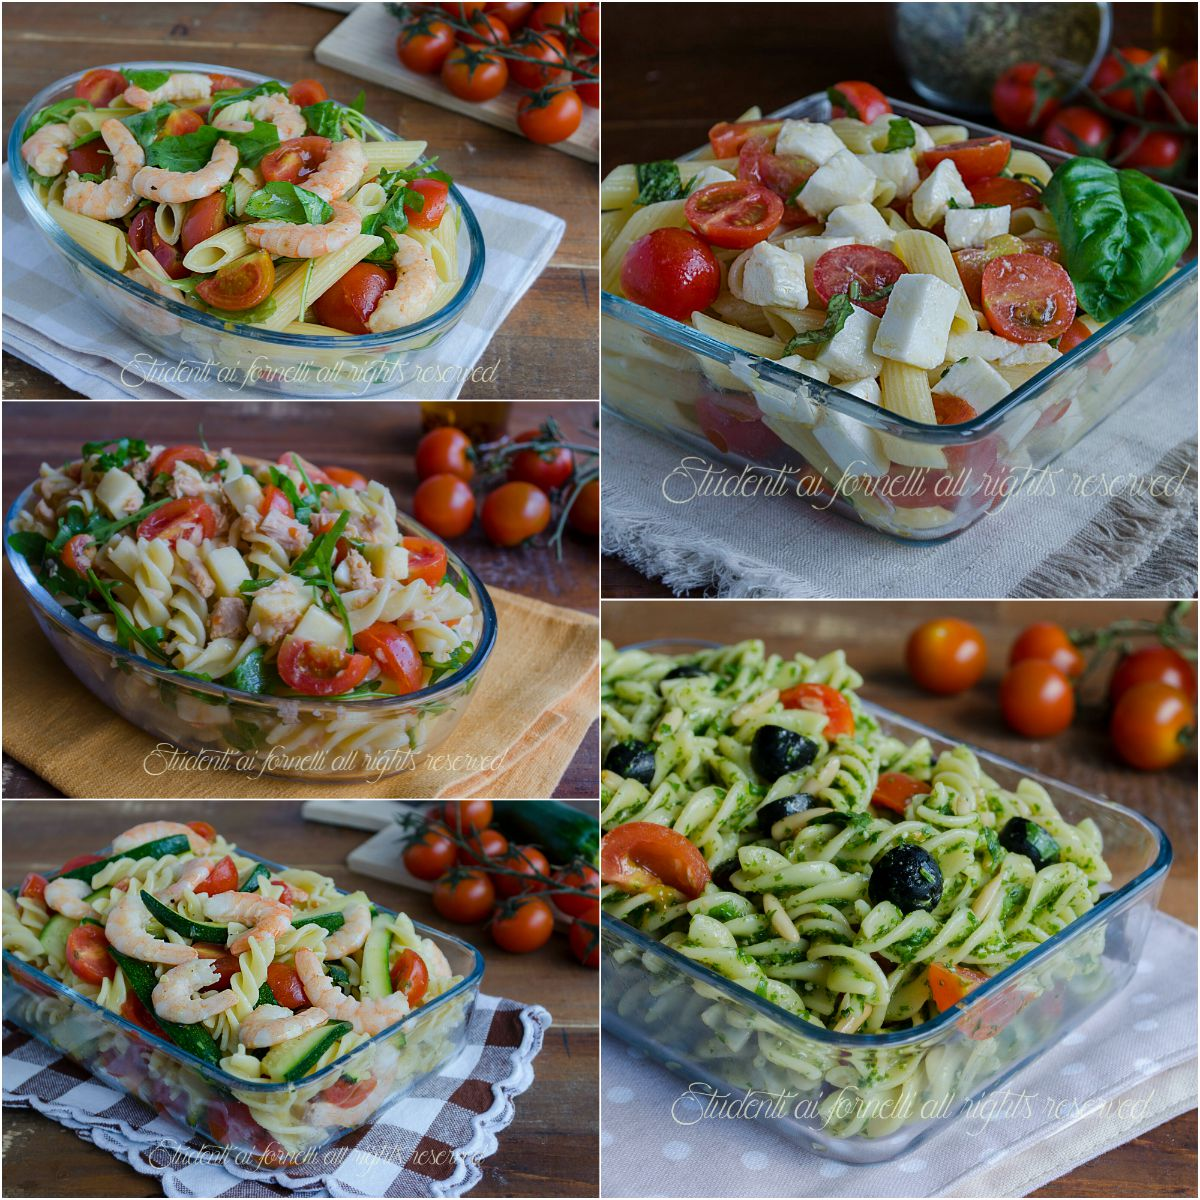 Primi piatti freddi estivi ricette facili e veloci for Ricette primi piatti